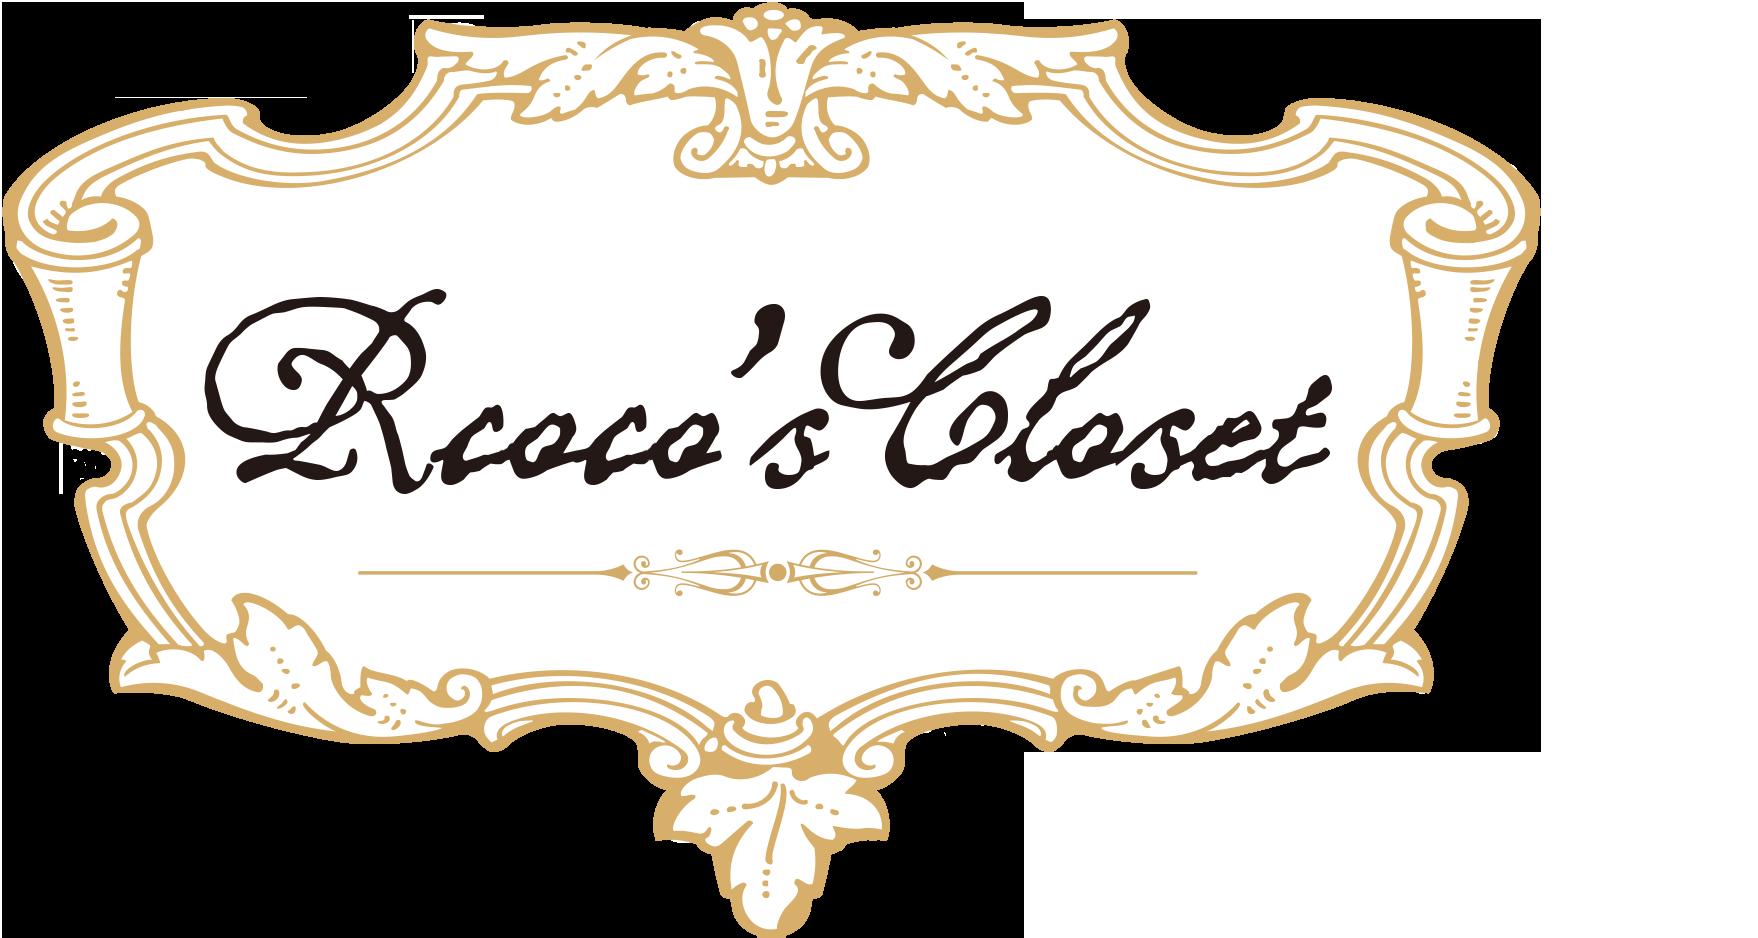 Rococo's Closet